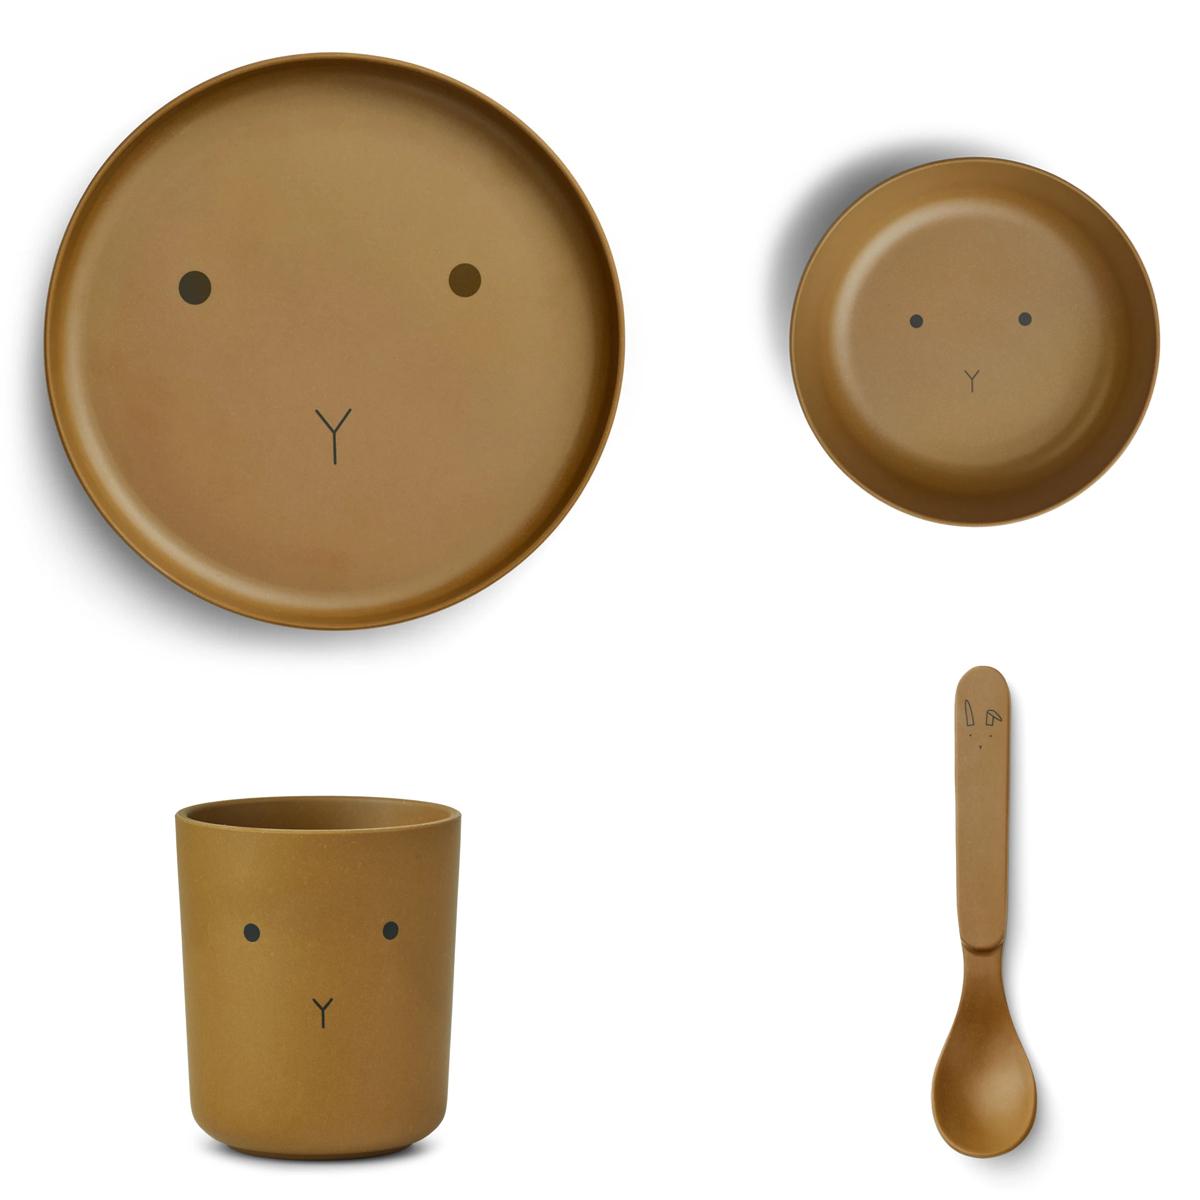 Coffret repas Set de Vaisselle 4 Pièces - Rabbit Olive Green Set de Vaisselle 4 Pièces - Rabbit Olive Green